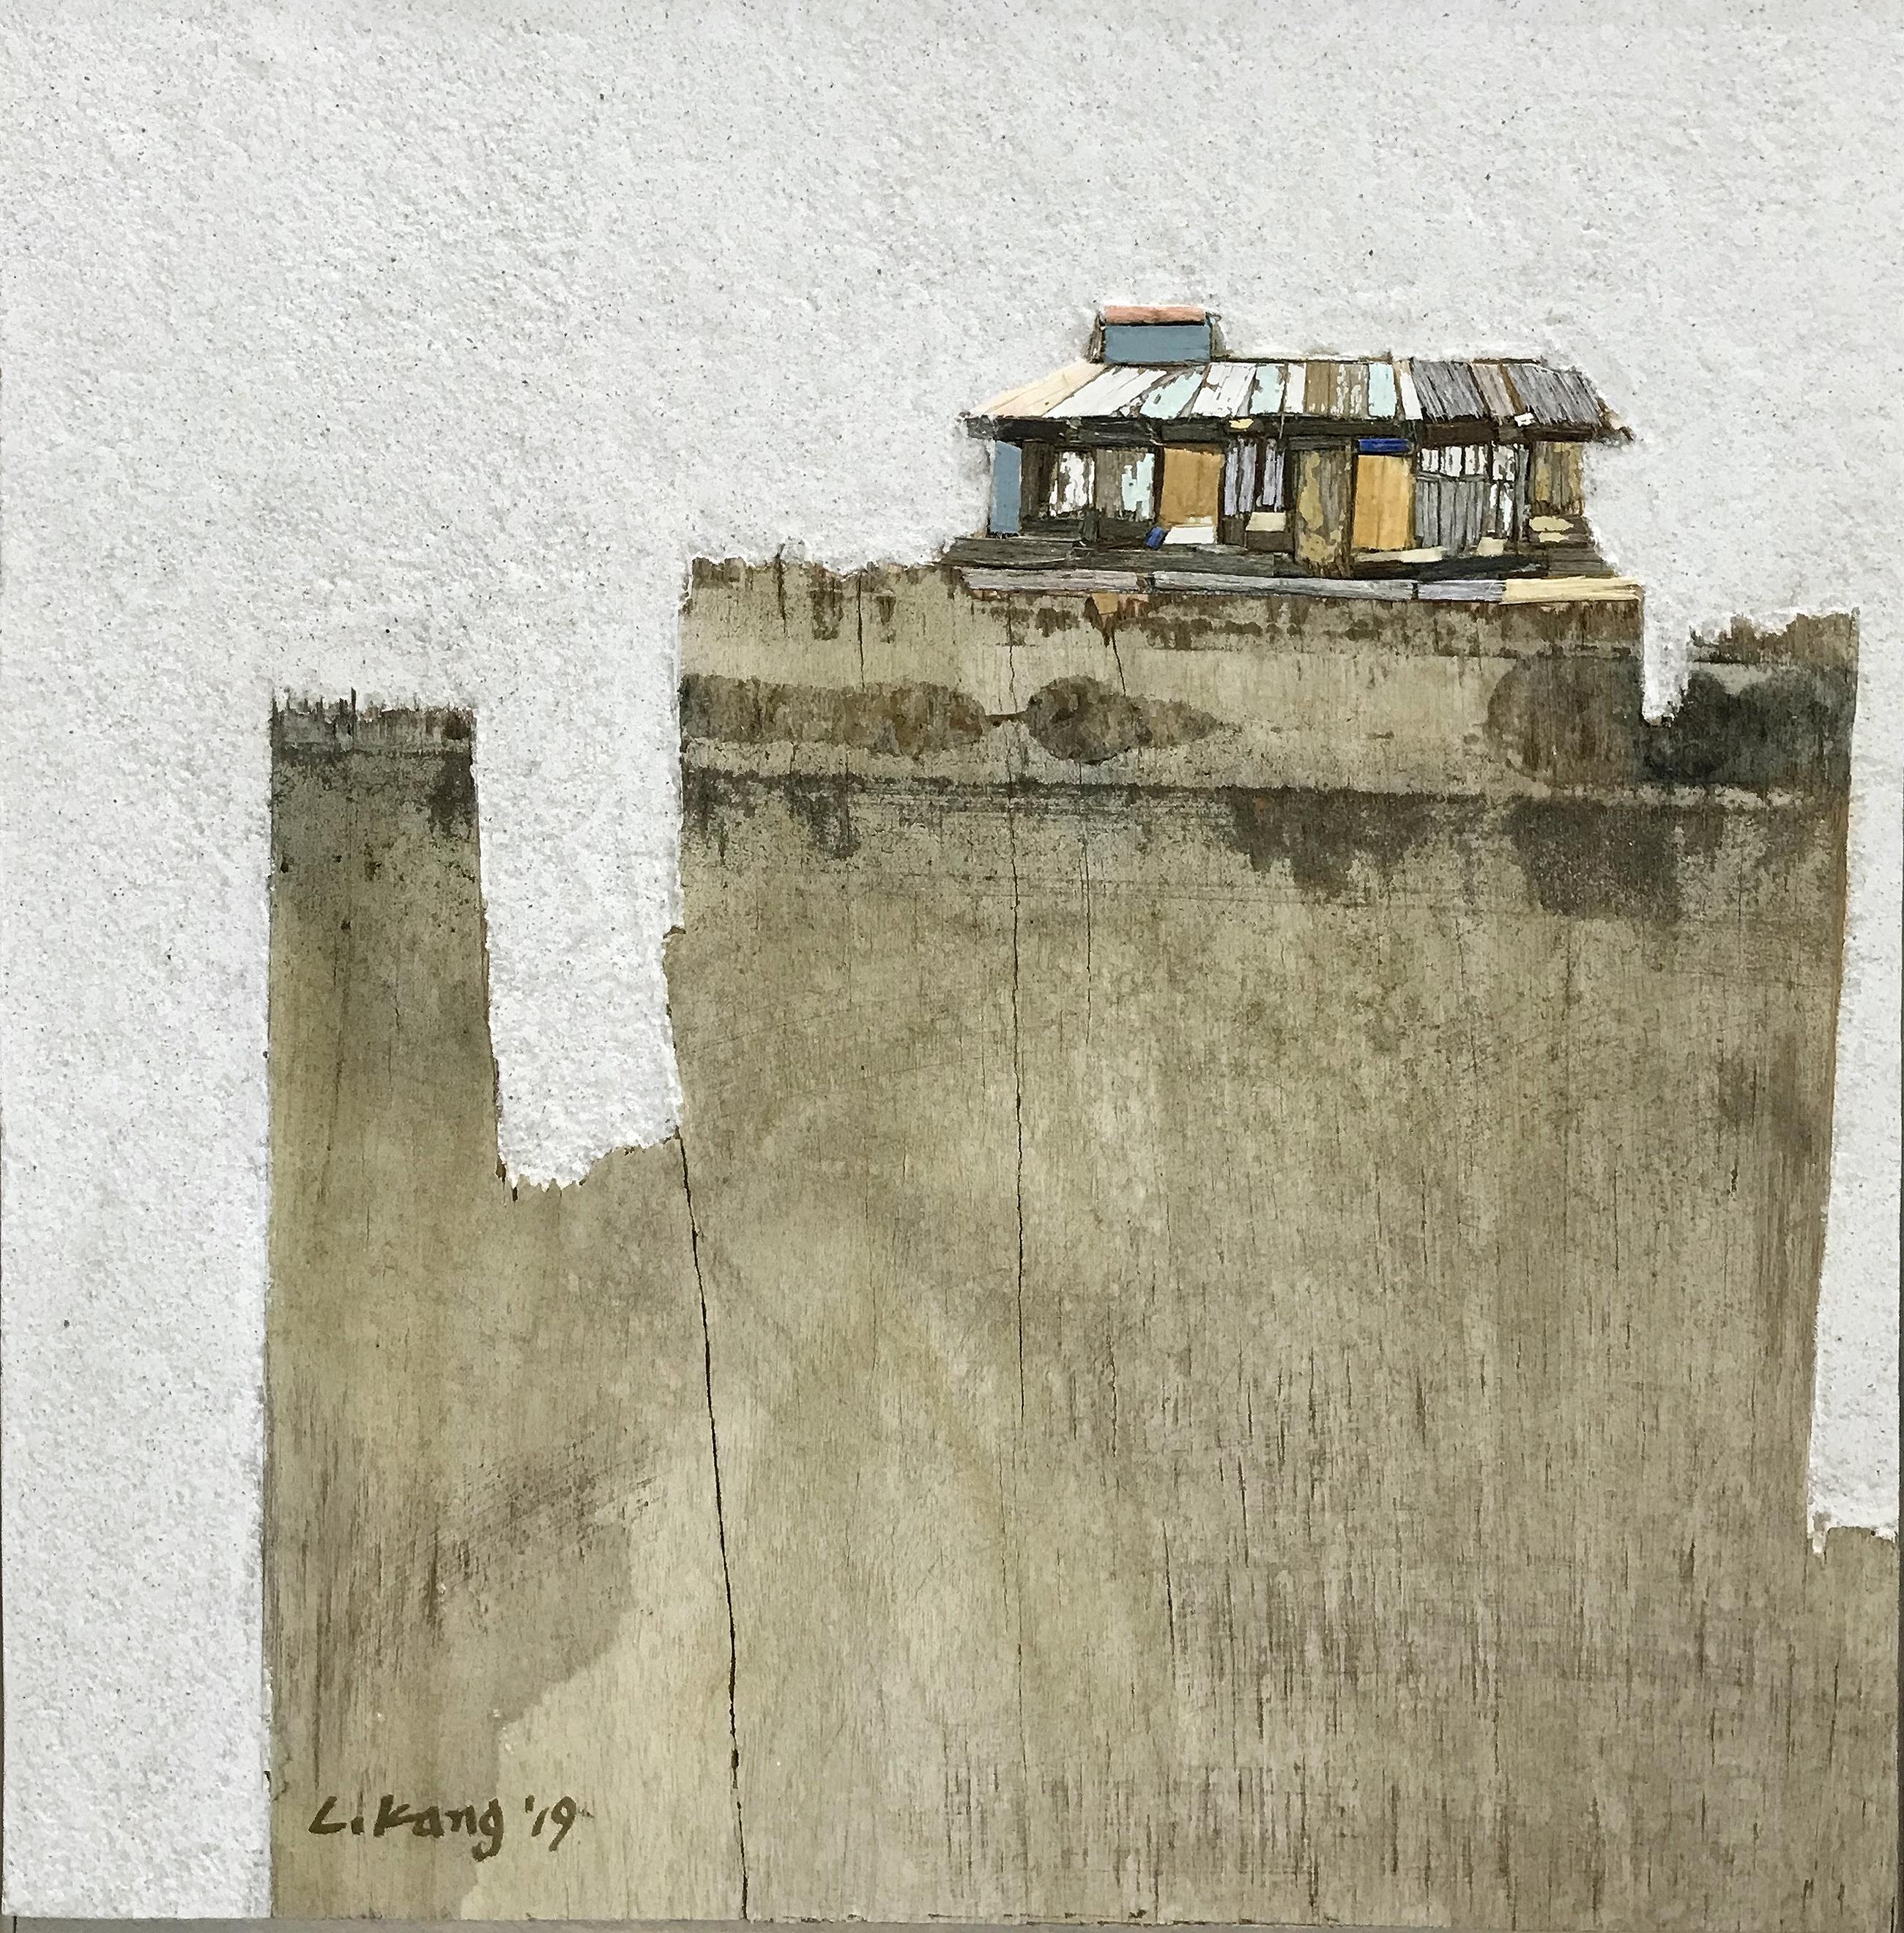 003, 이부강, trace skyline 13, 25 x 25 cm,